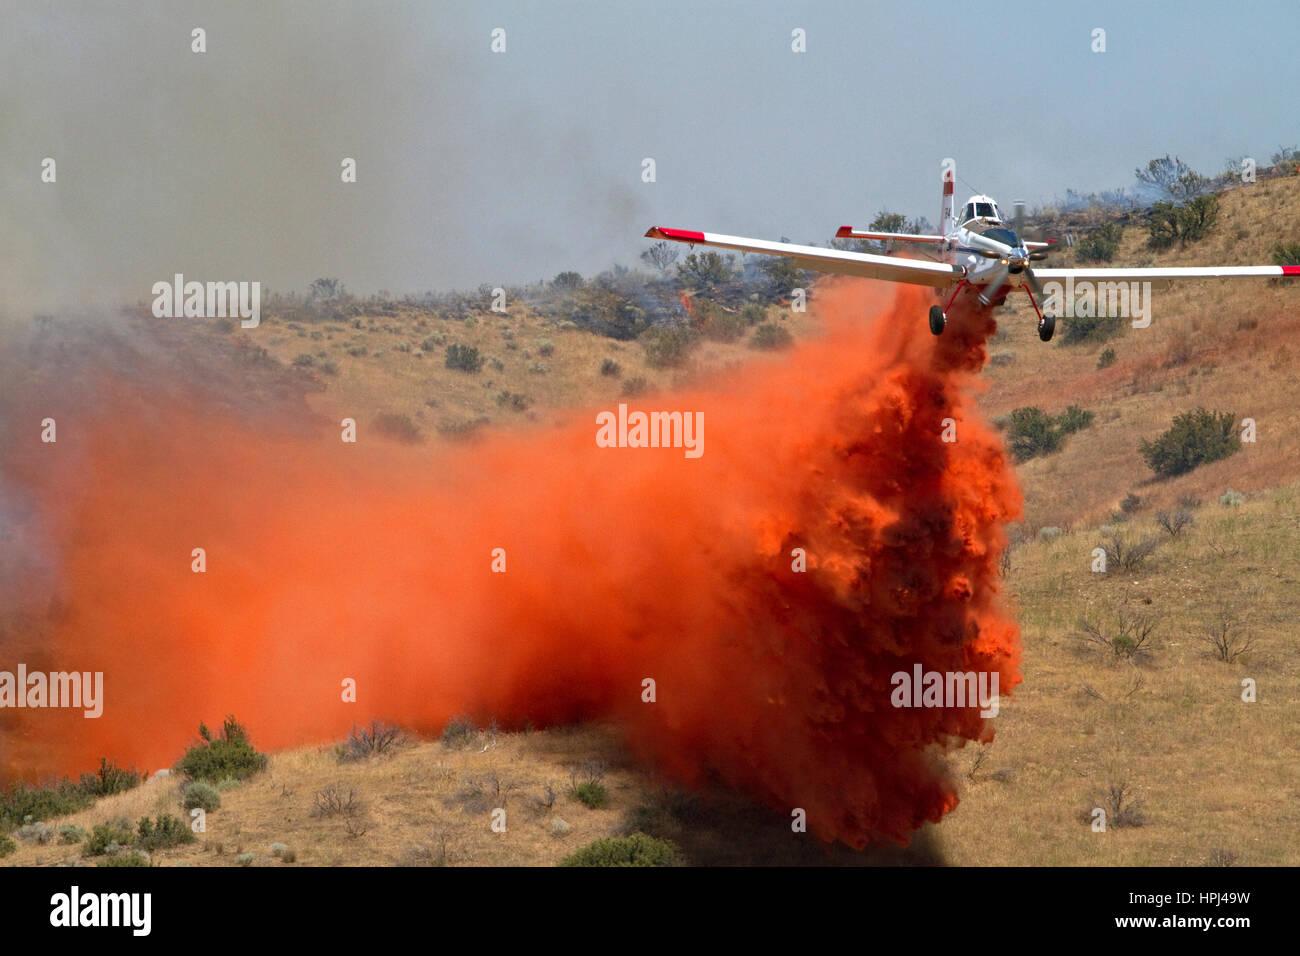 Einmotorigen Air Tanker (Sitz) Abwurf feuerhemmenden auf ein Lauffeuer in Idaho, USA. Stockfoto